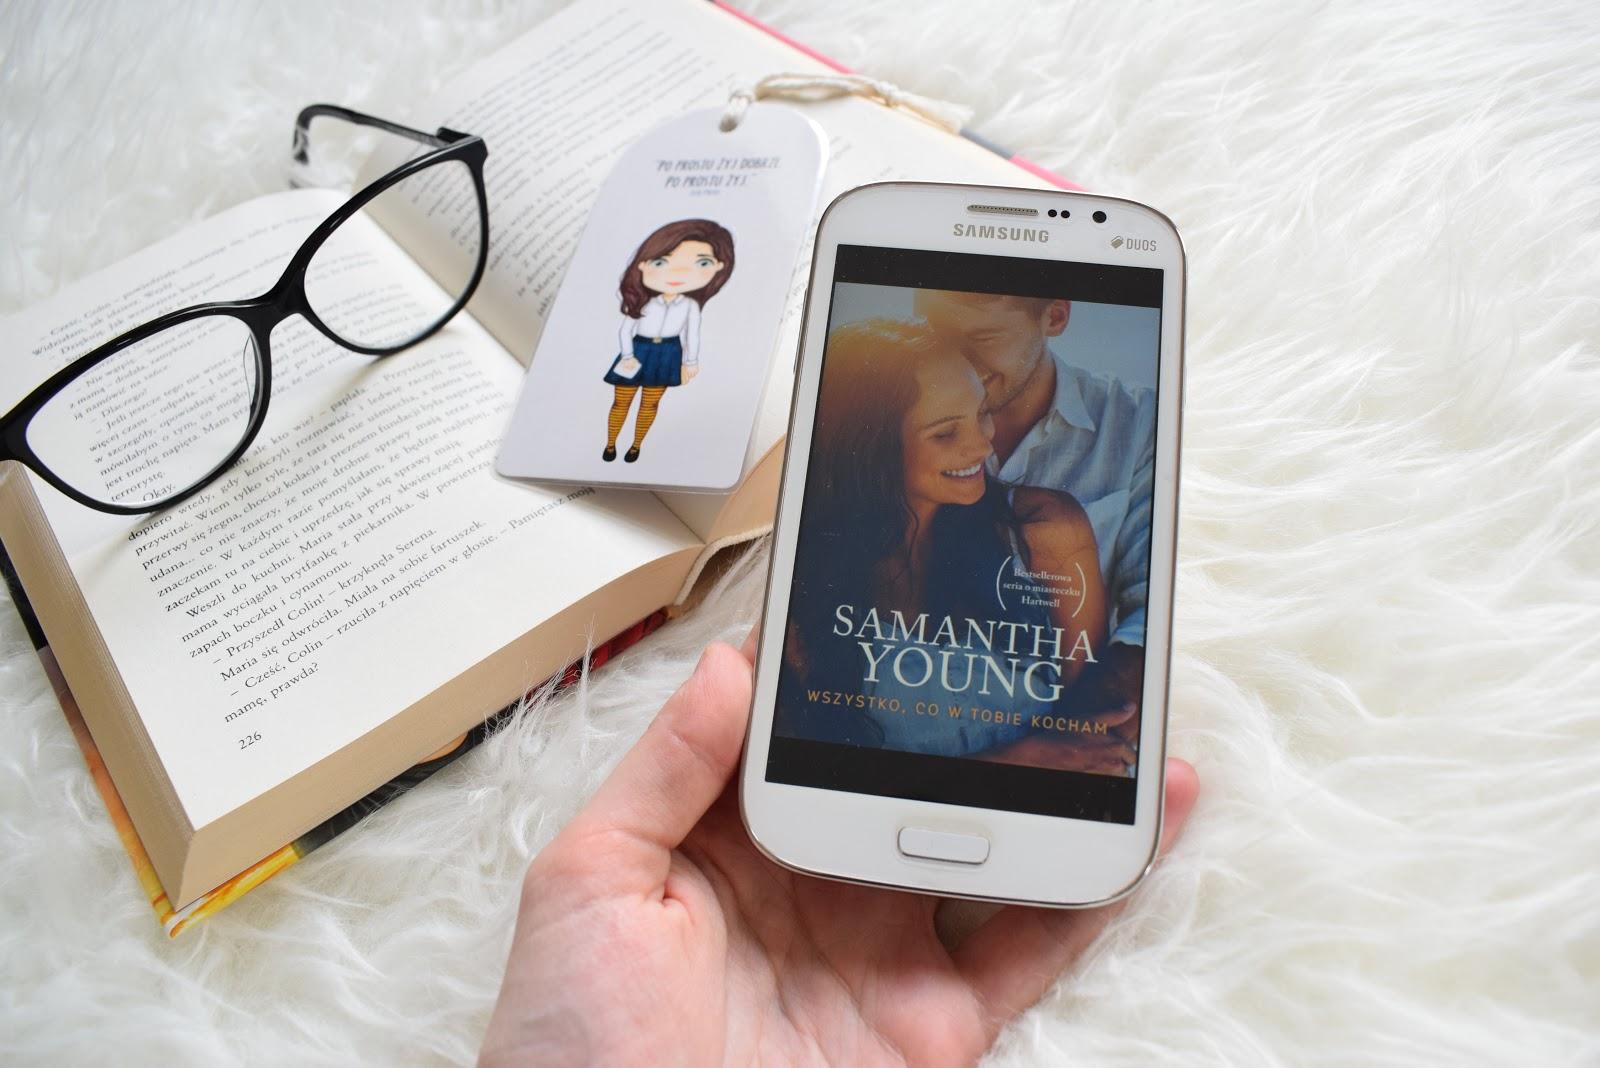 Samantha Young, Wszystko, co w Tobie kocham